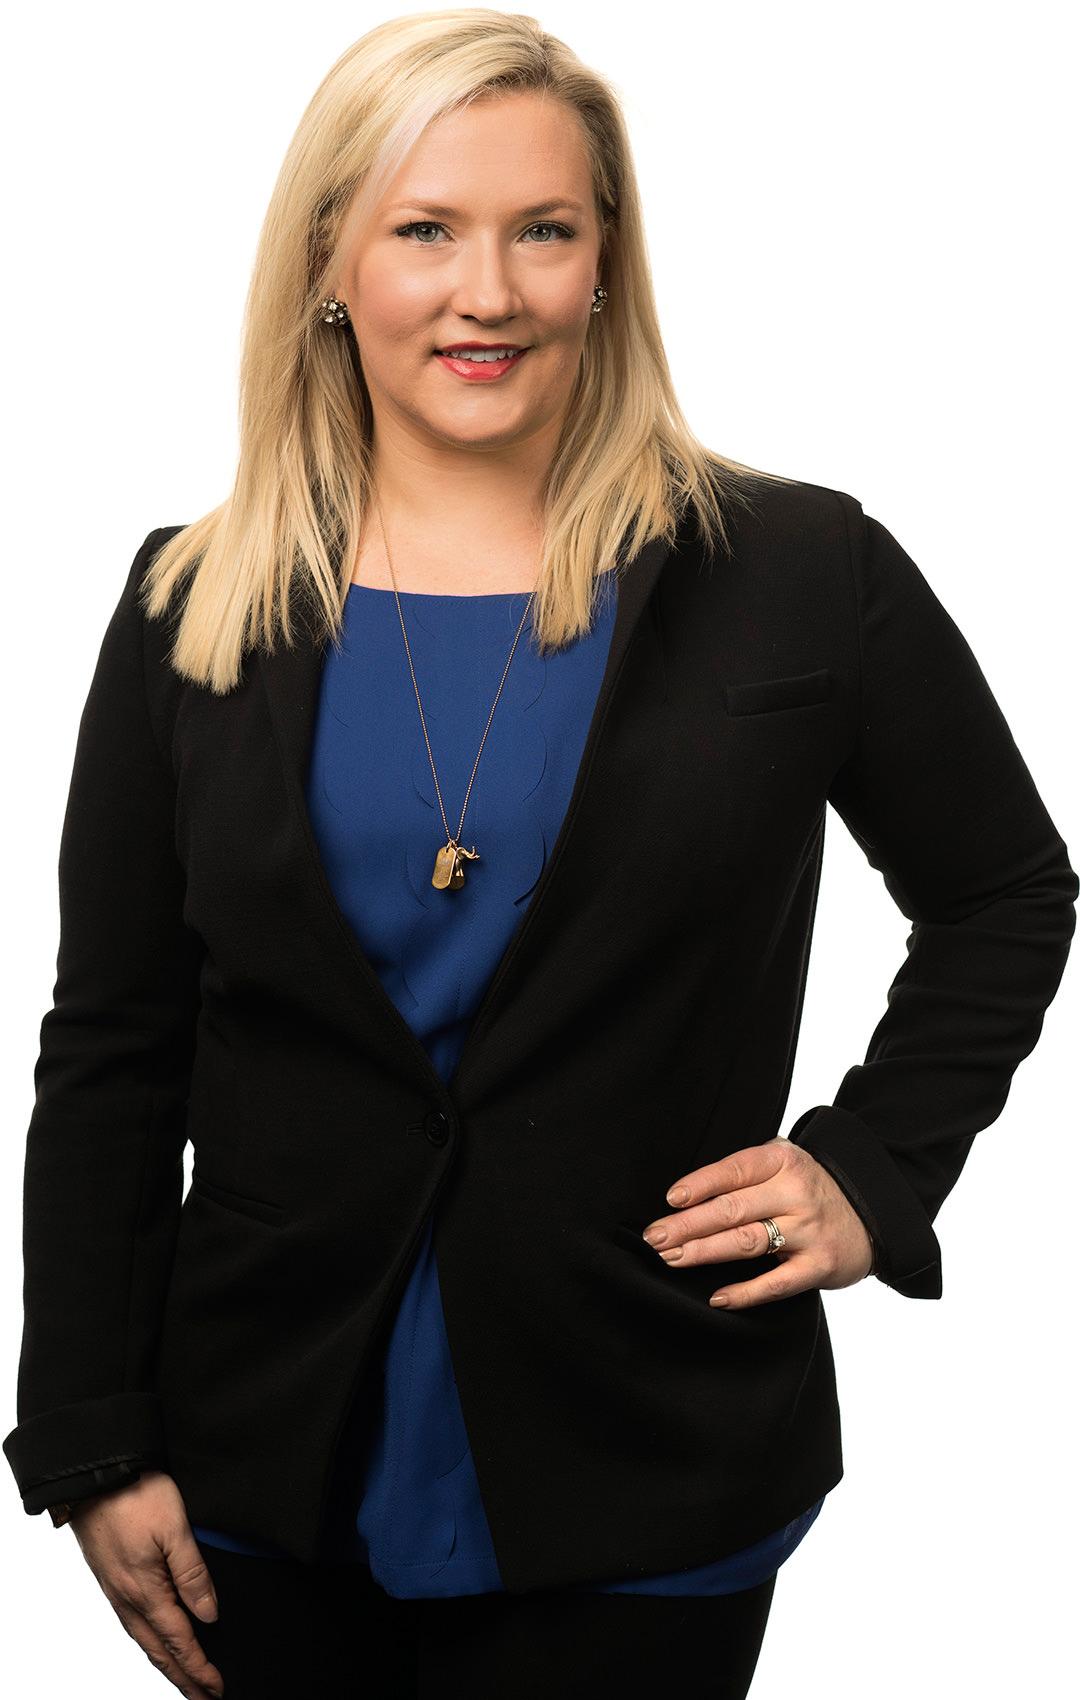 Eva R. Bateman